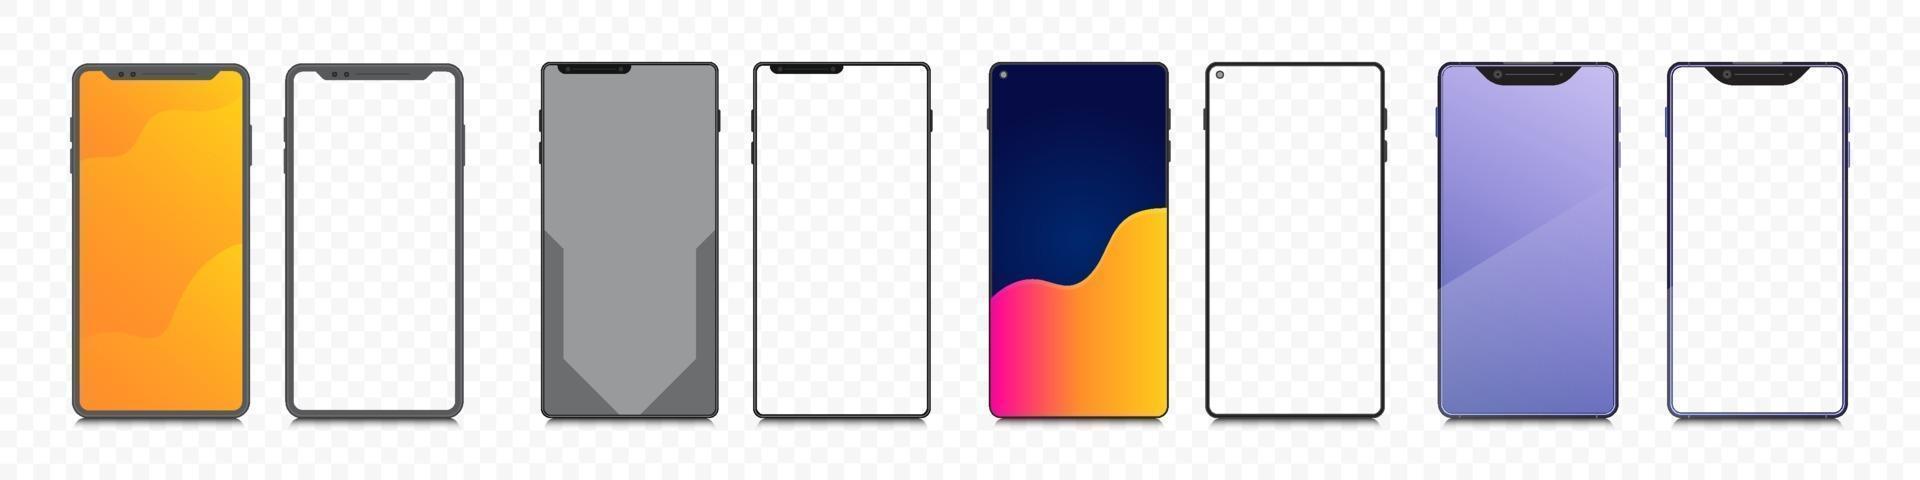 Smartphone-Modell einstellen. Bündel mobiler transparenter Bildschirm. Sammlungsrahmen Telefonanzeige Hintergrund. vektor